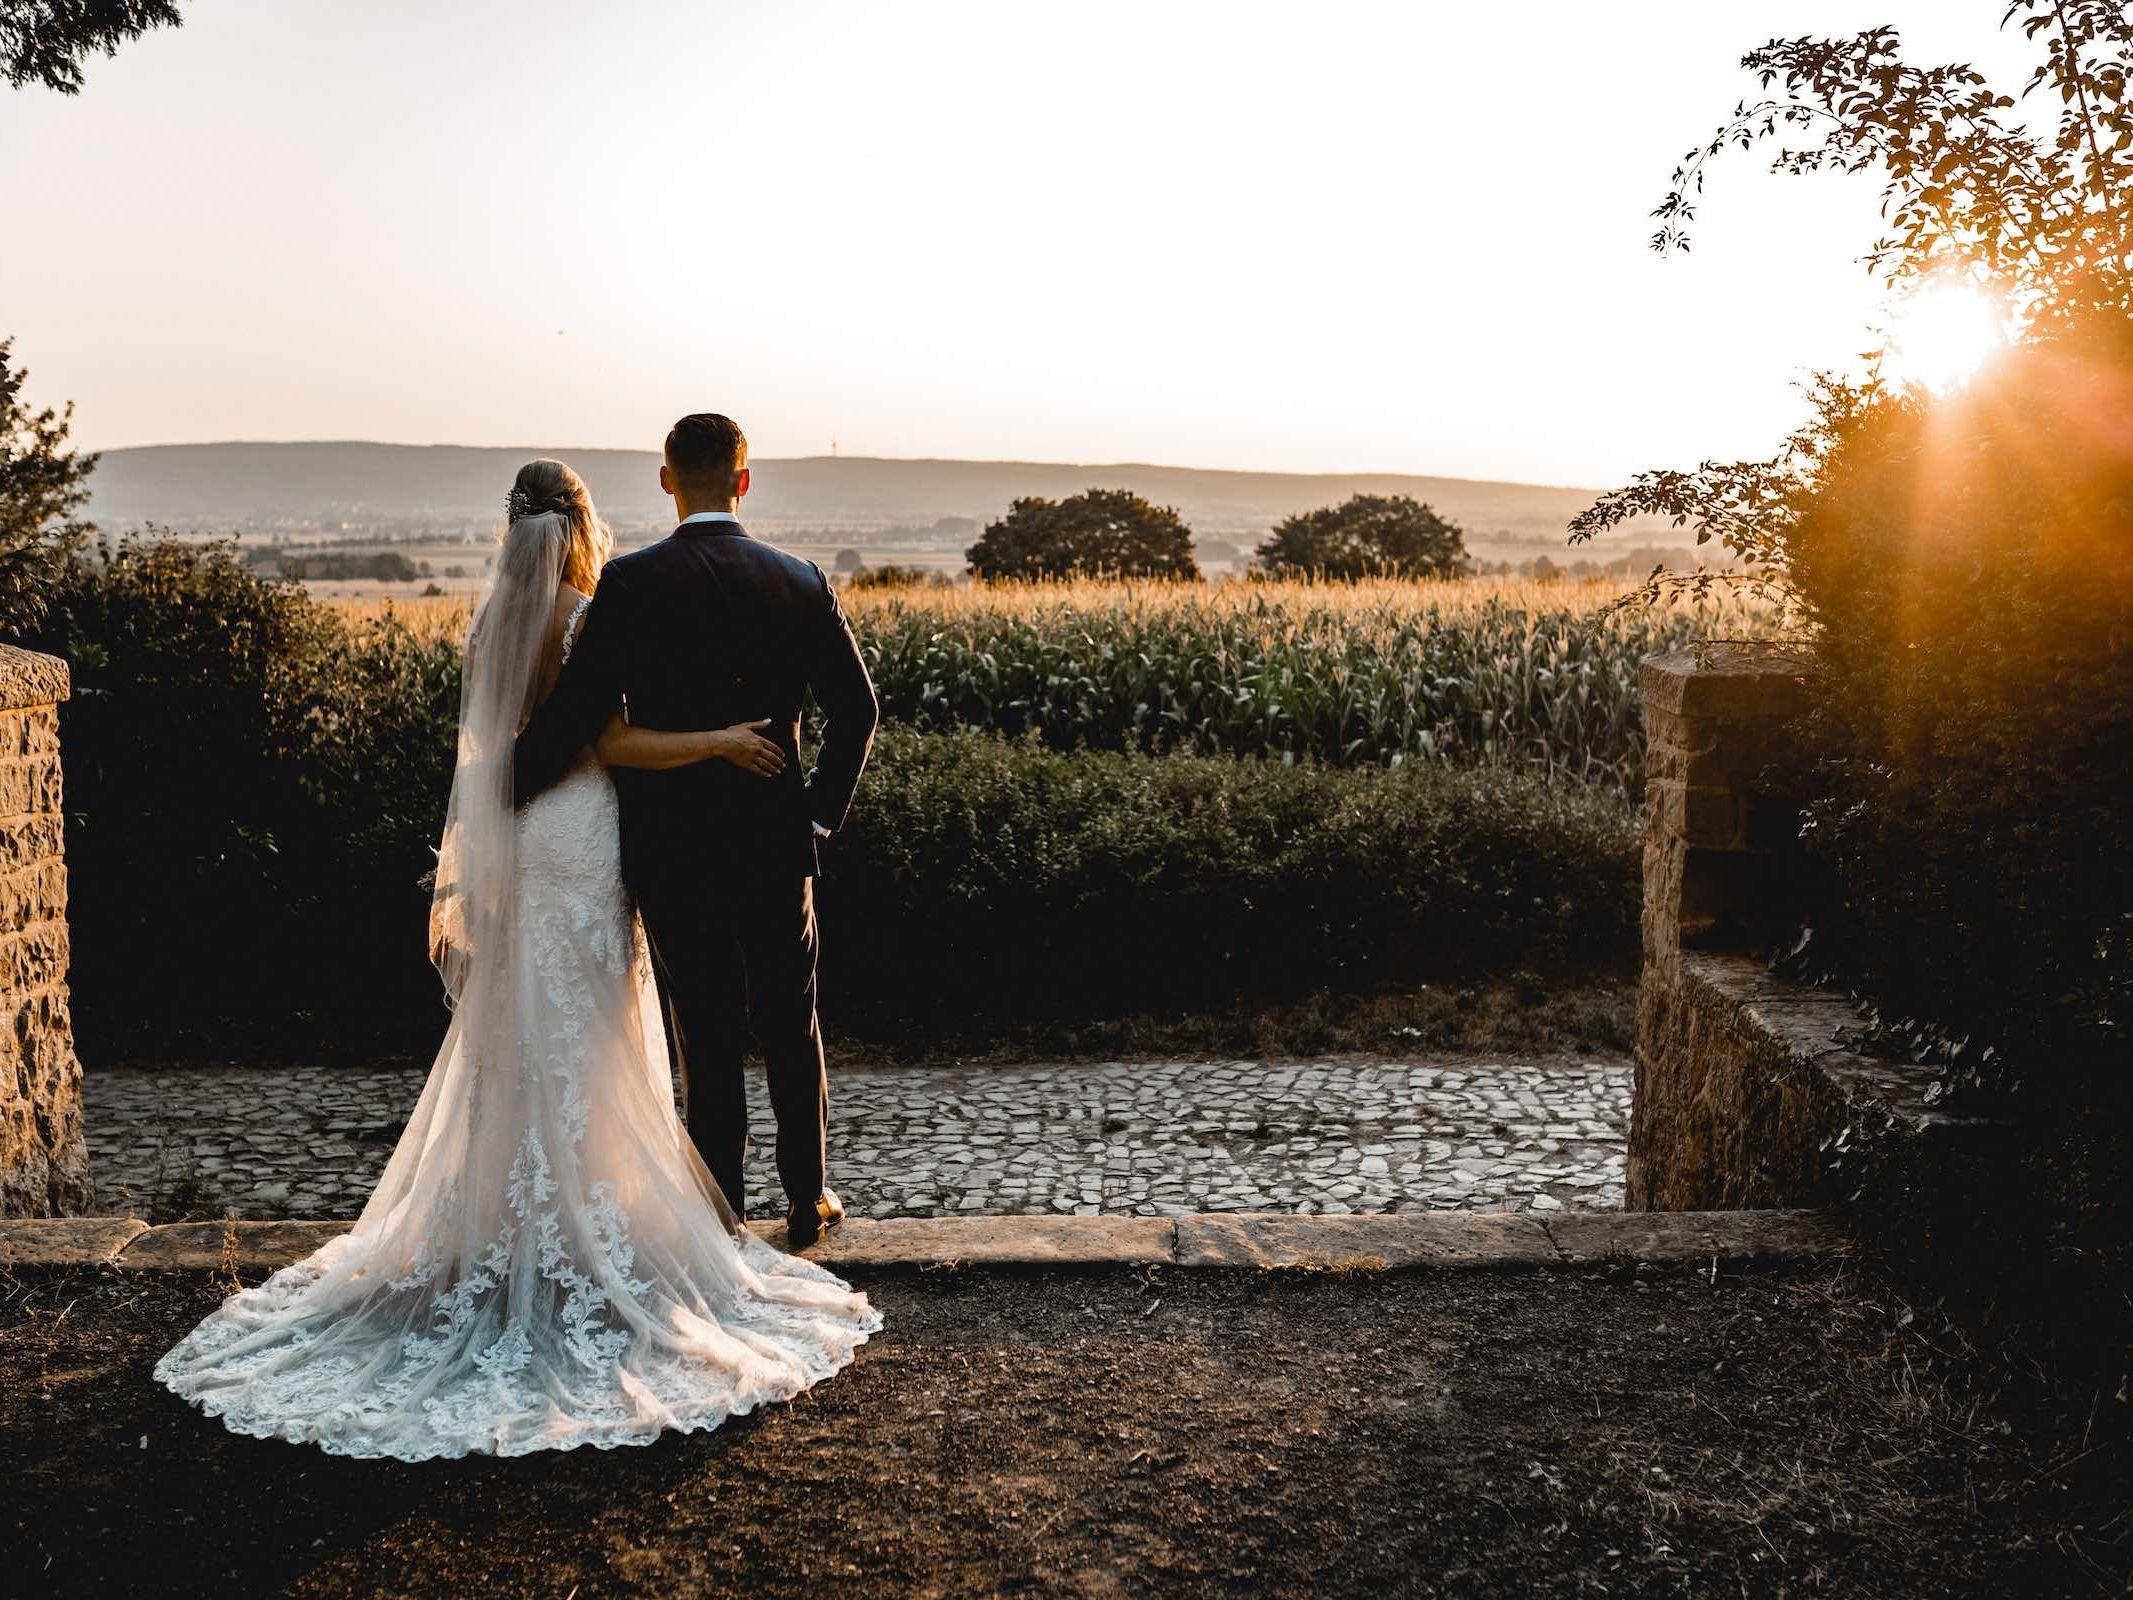 Berggasthaus | Niedersachsen | Hochzeit | Geburtstag | Empfang | Firmenfeier | Feiern | Locations | DJ | Hochzeit | DJ | Hochzeitsplanung | Fotograf | Hochzeit | Hochzeits | Fotograf | Referenz | Lehmann | Eventservice